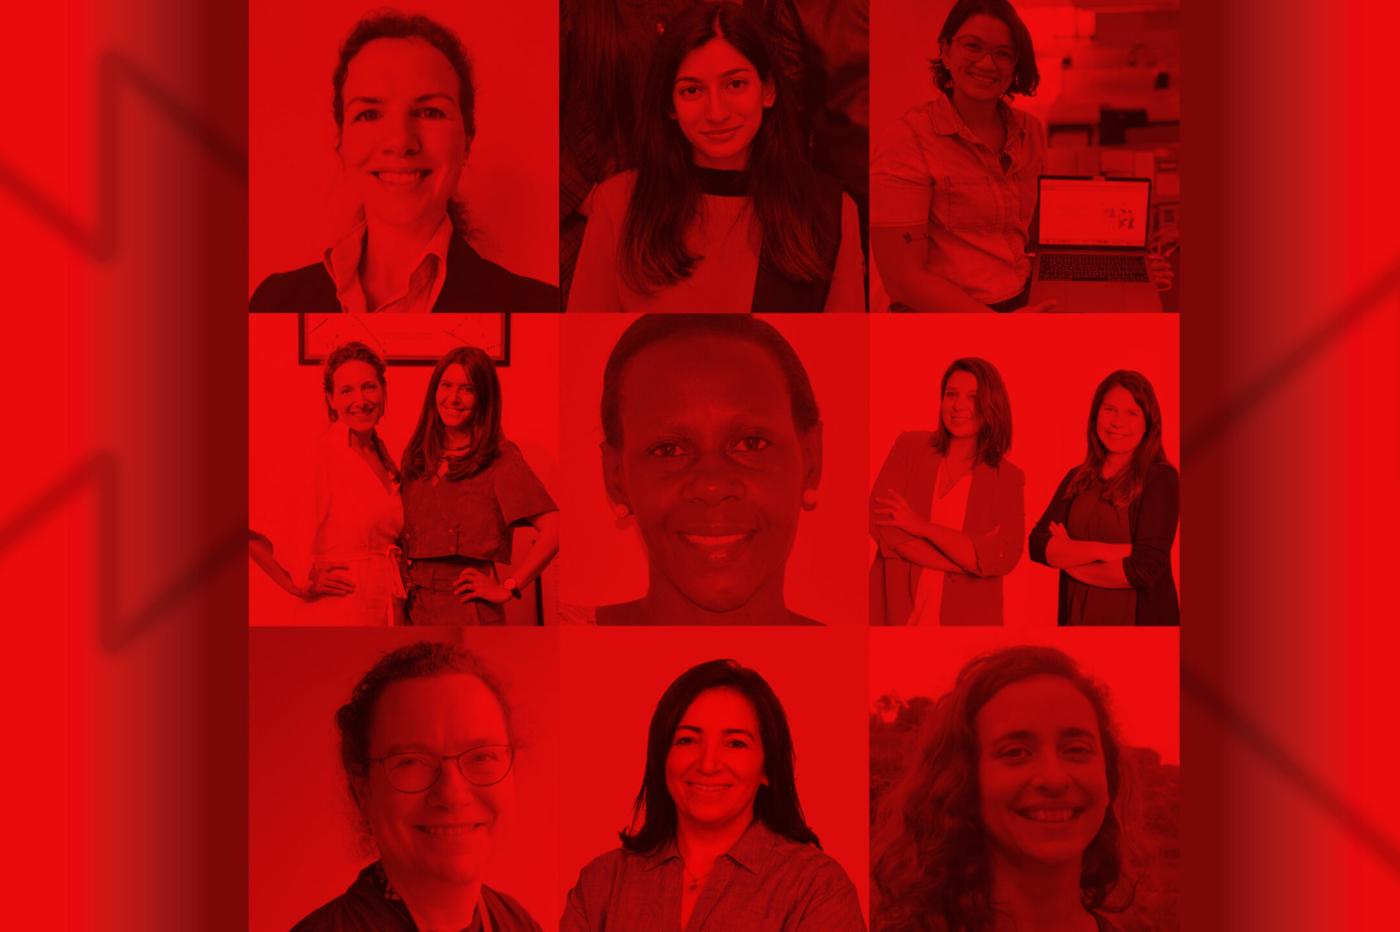 Stärkung von Frauen und Mädchen in Zeiten von COVID-19